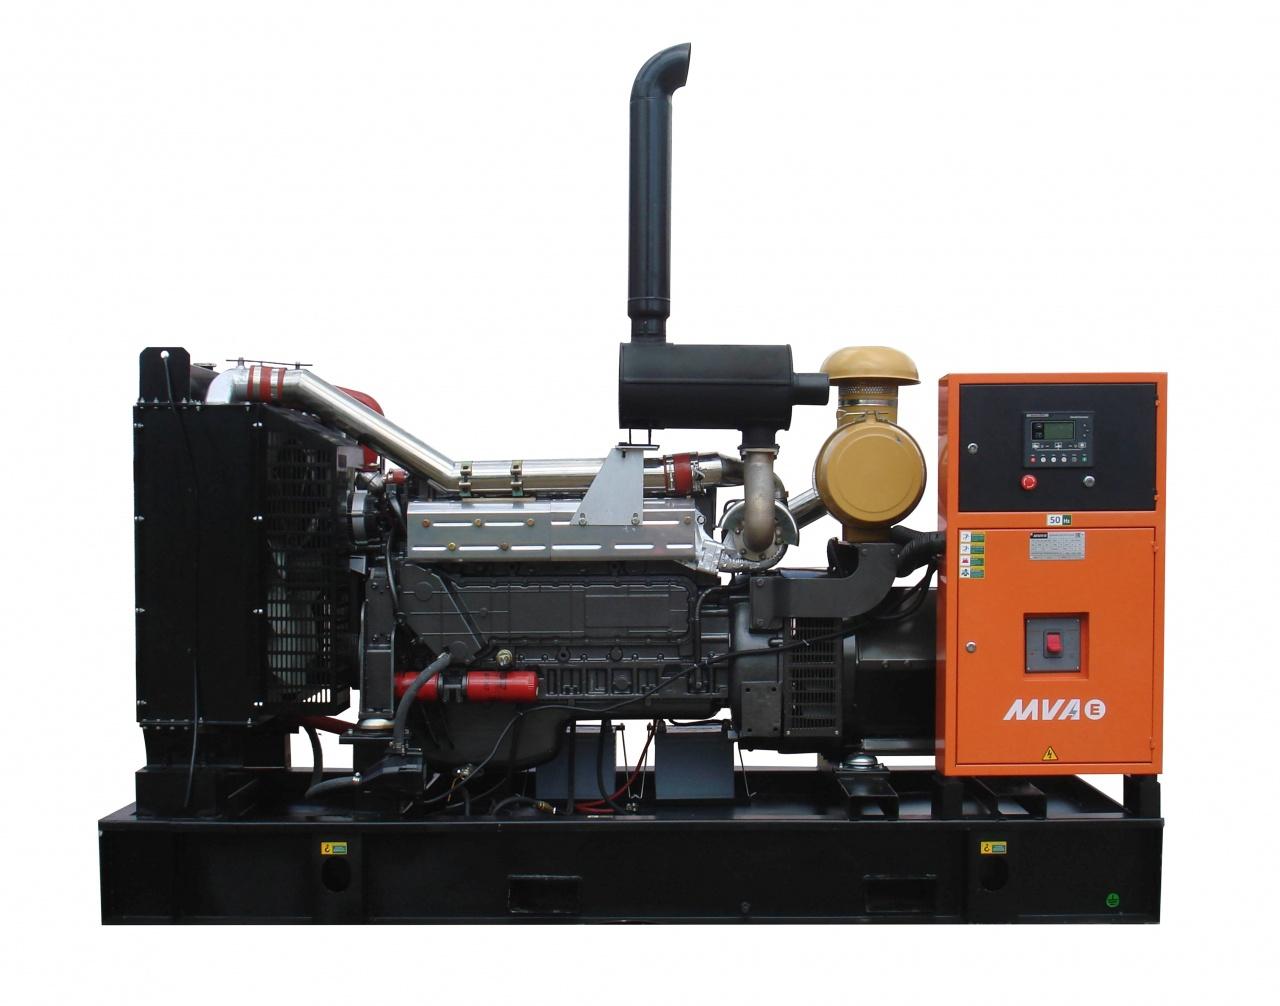 дизельная электростанция mvae ад-200-400-ар